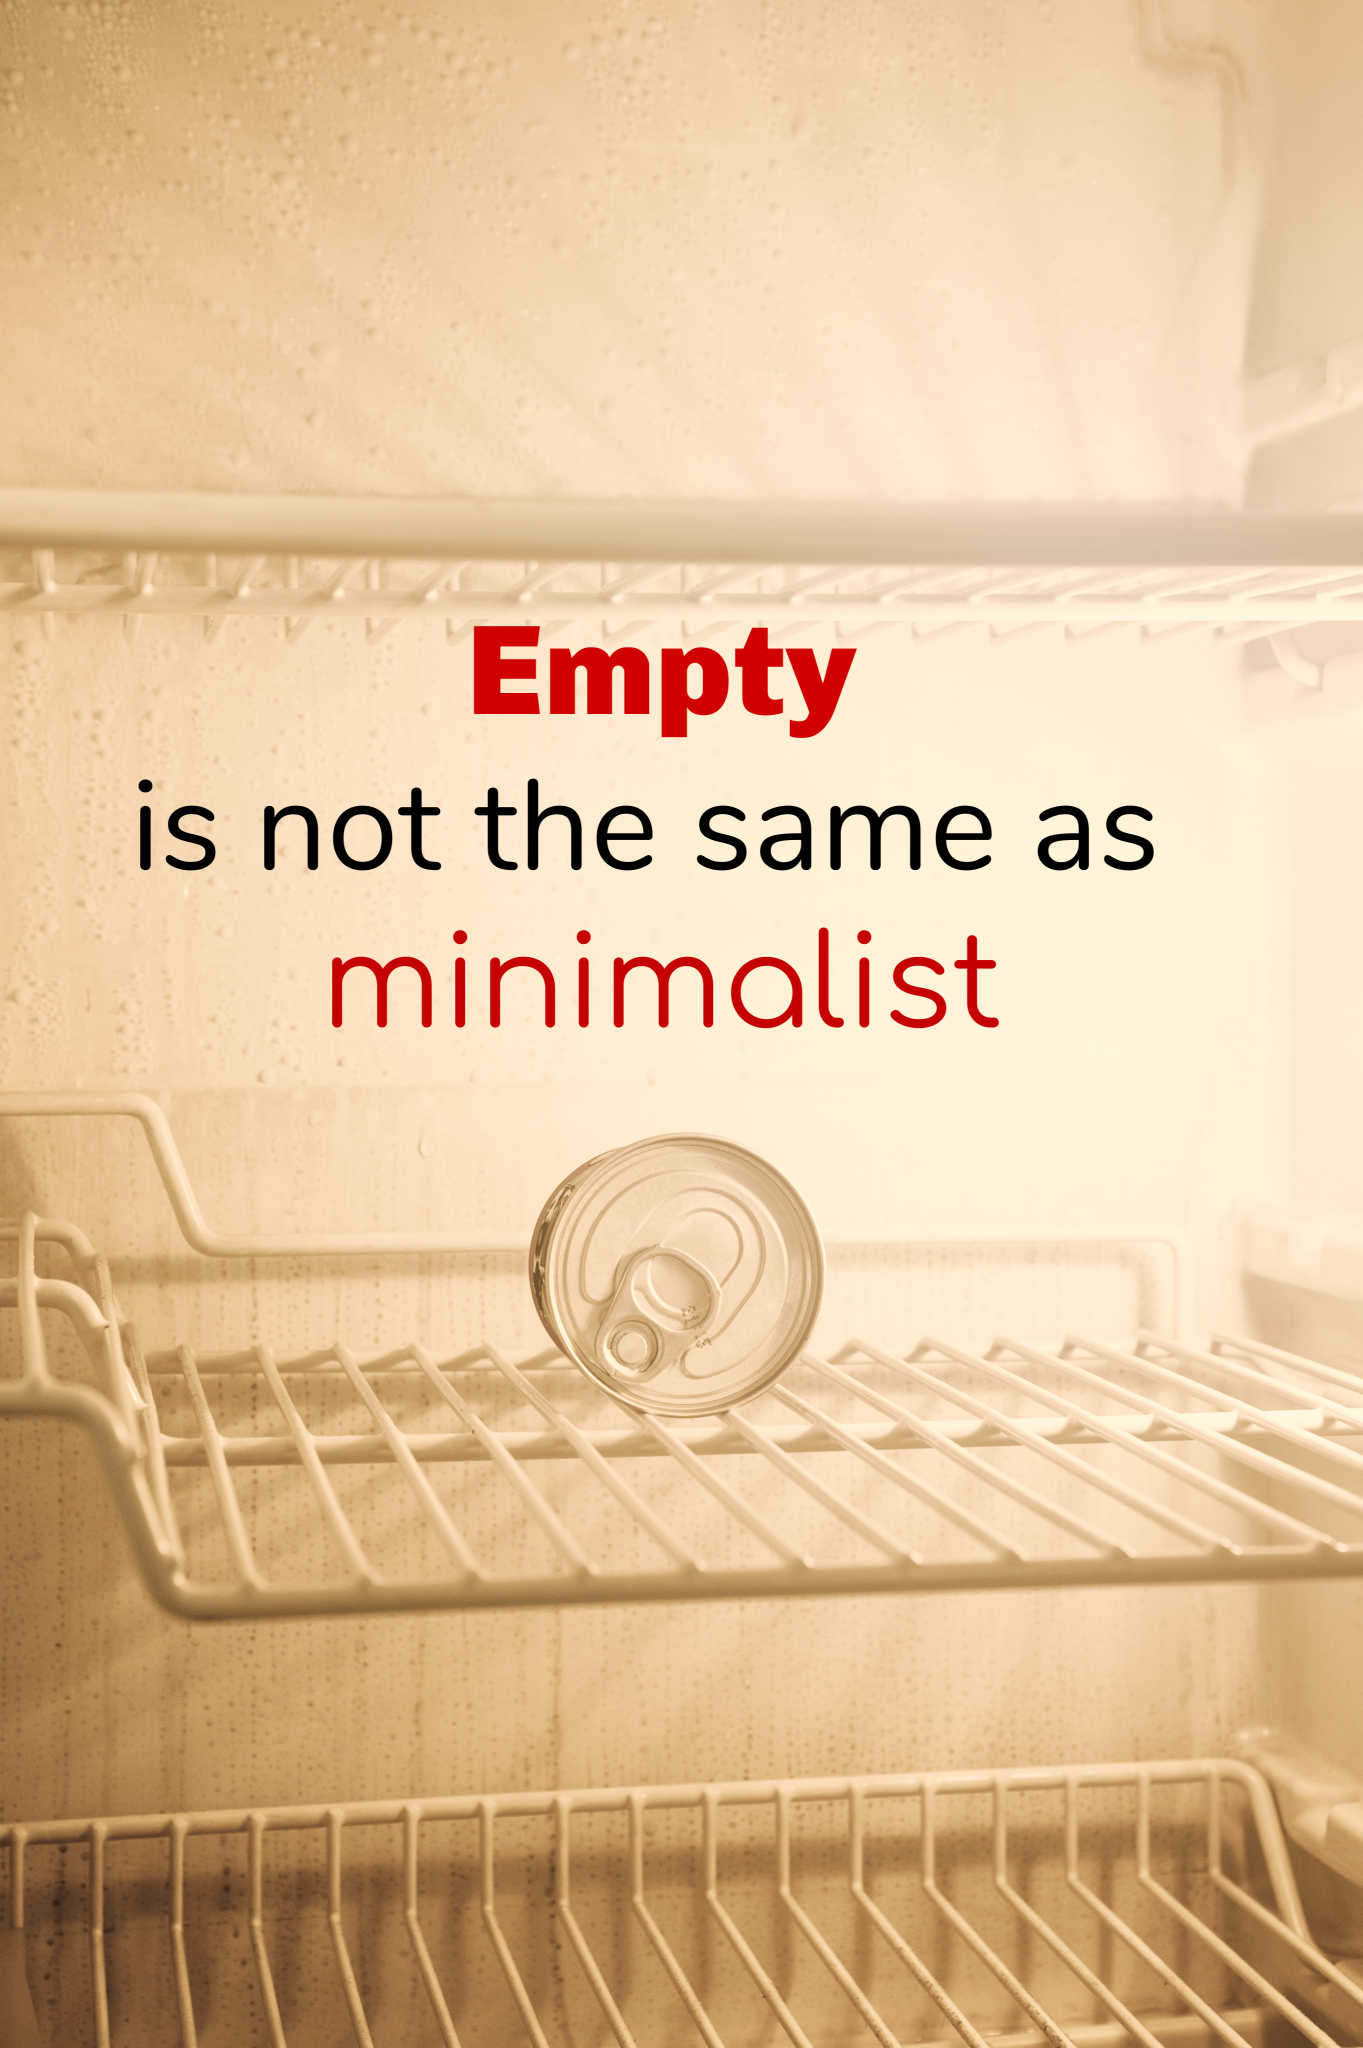 Kitchen Minimalist Message.jpg